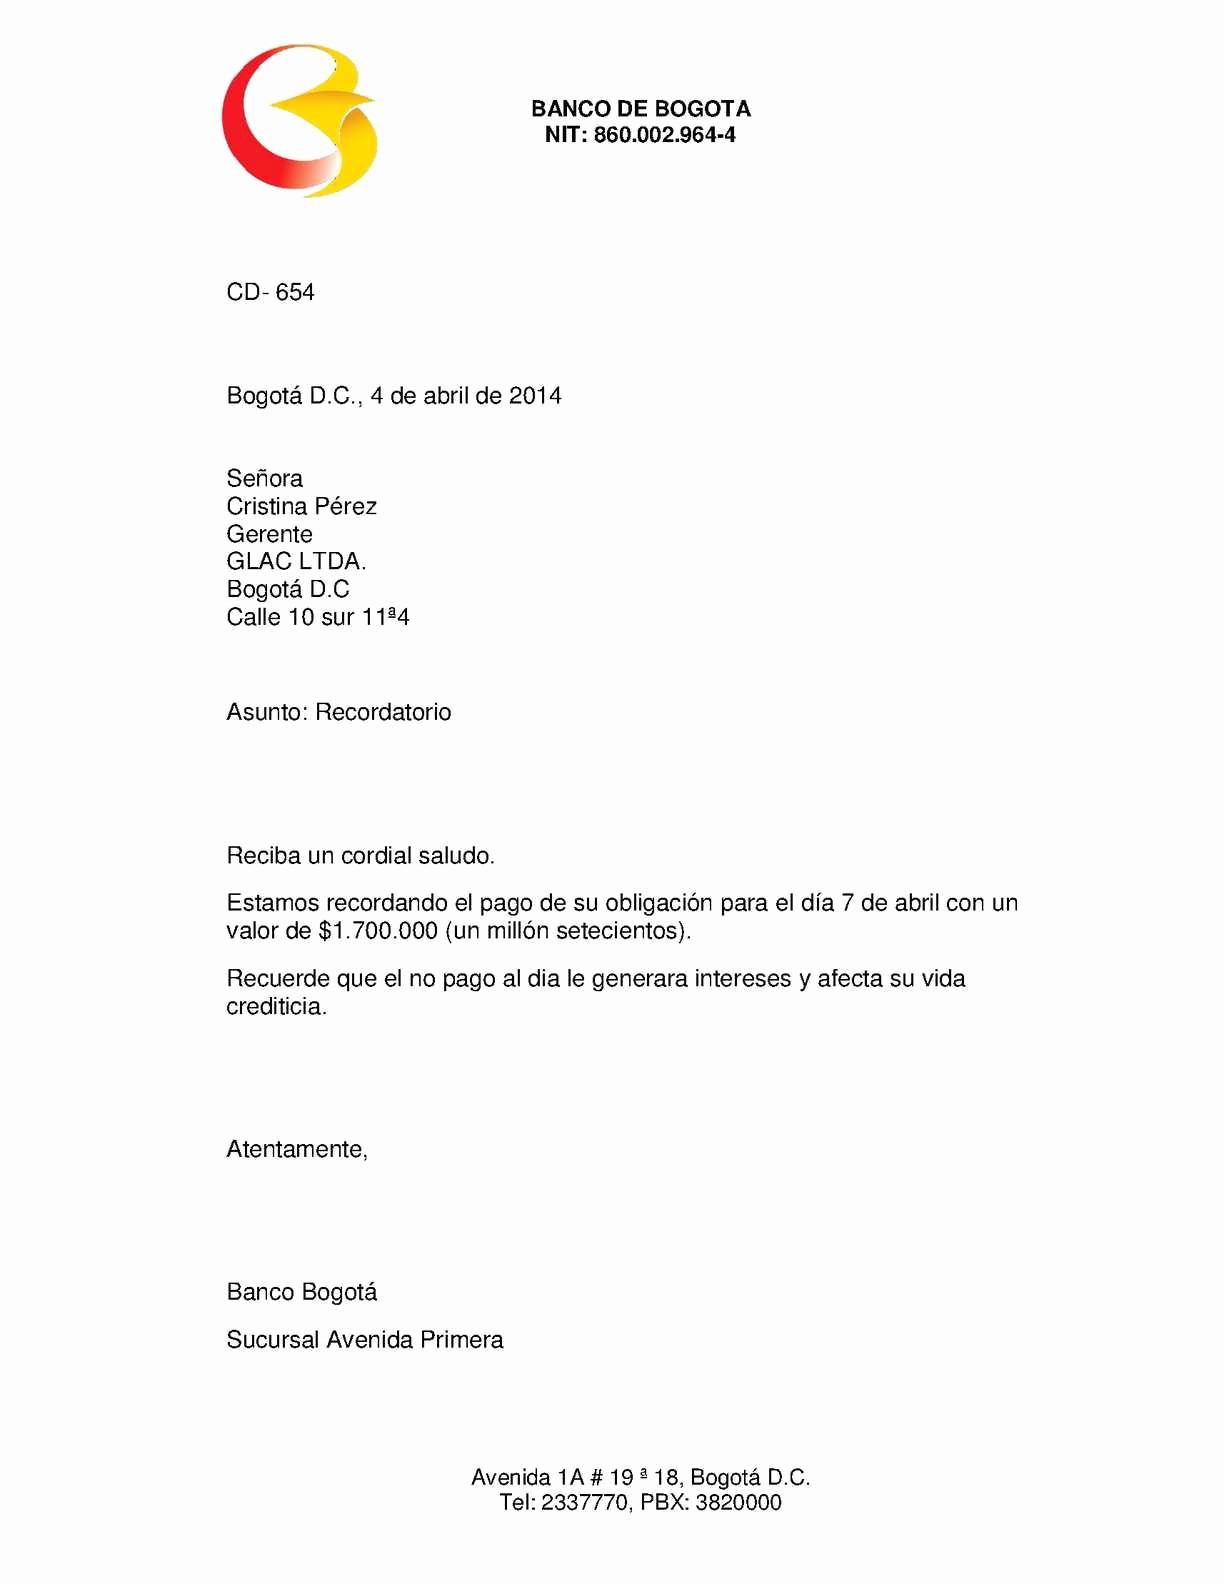 Carta De Cobro De Deuda Luxury Calaméo Cartas De Cobranza